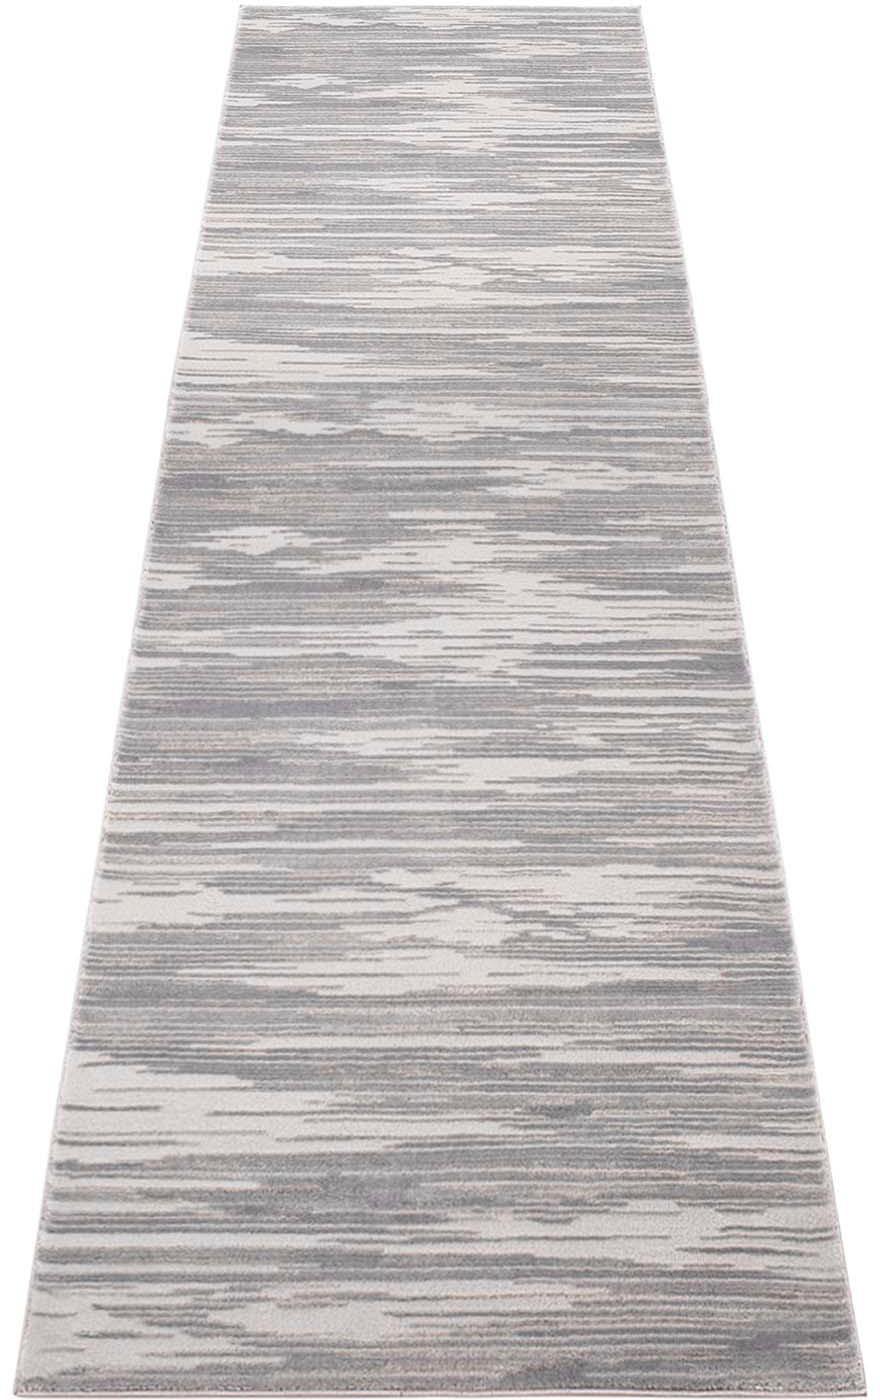 Läufer Platin 7737 Carpet City rechteckig Höhe 11 mm maschinell gewebt